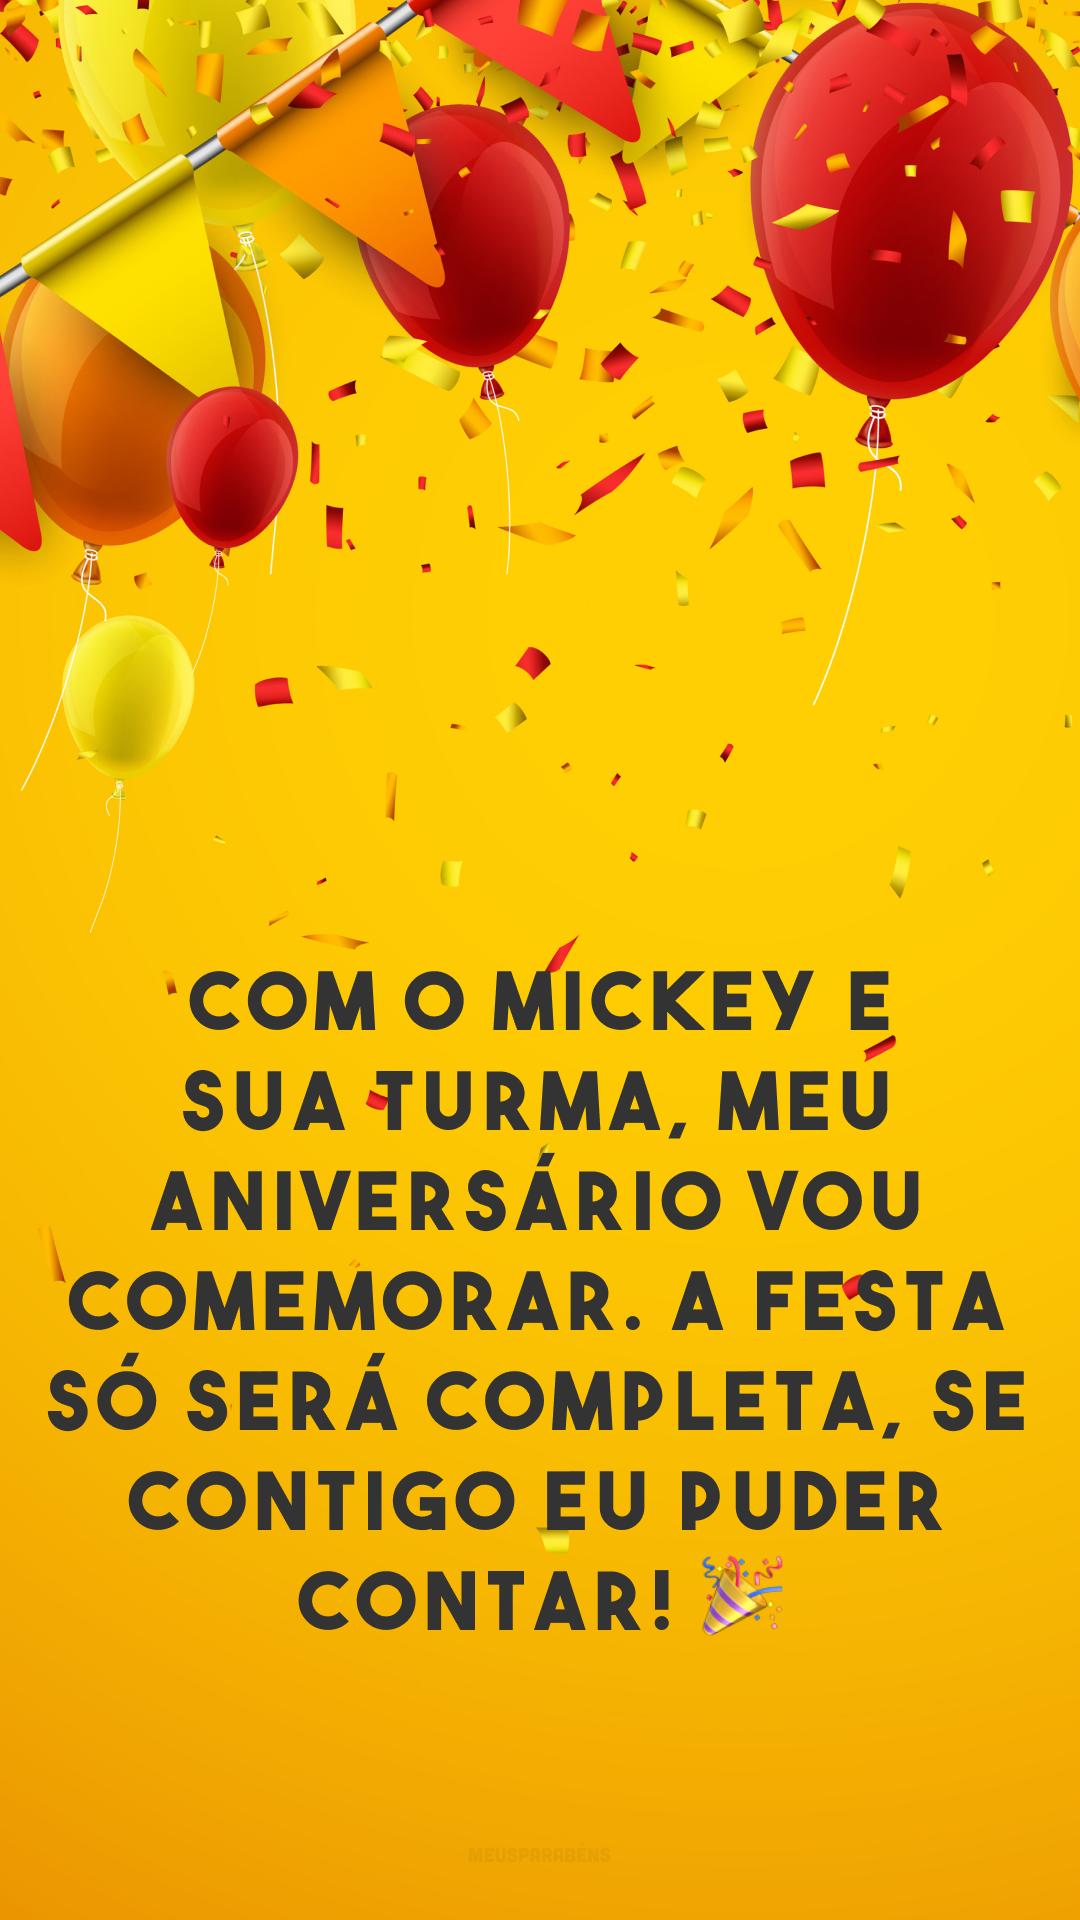 Com o Mickey e sua turma, meu aniversário vou comemorar. A festa só será completa, se contigo eu puder contar! 🎉